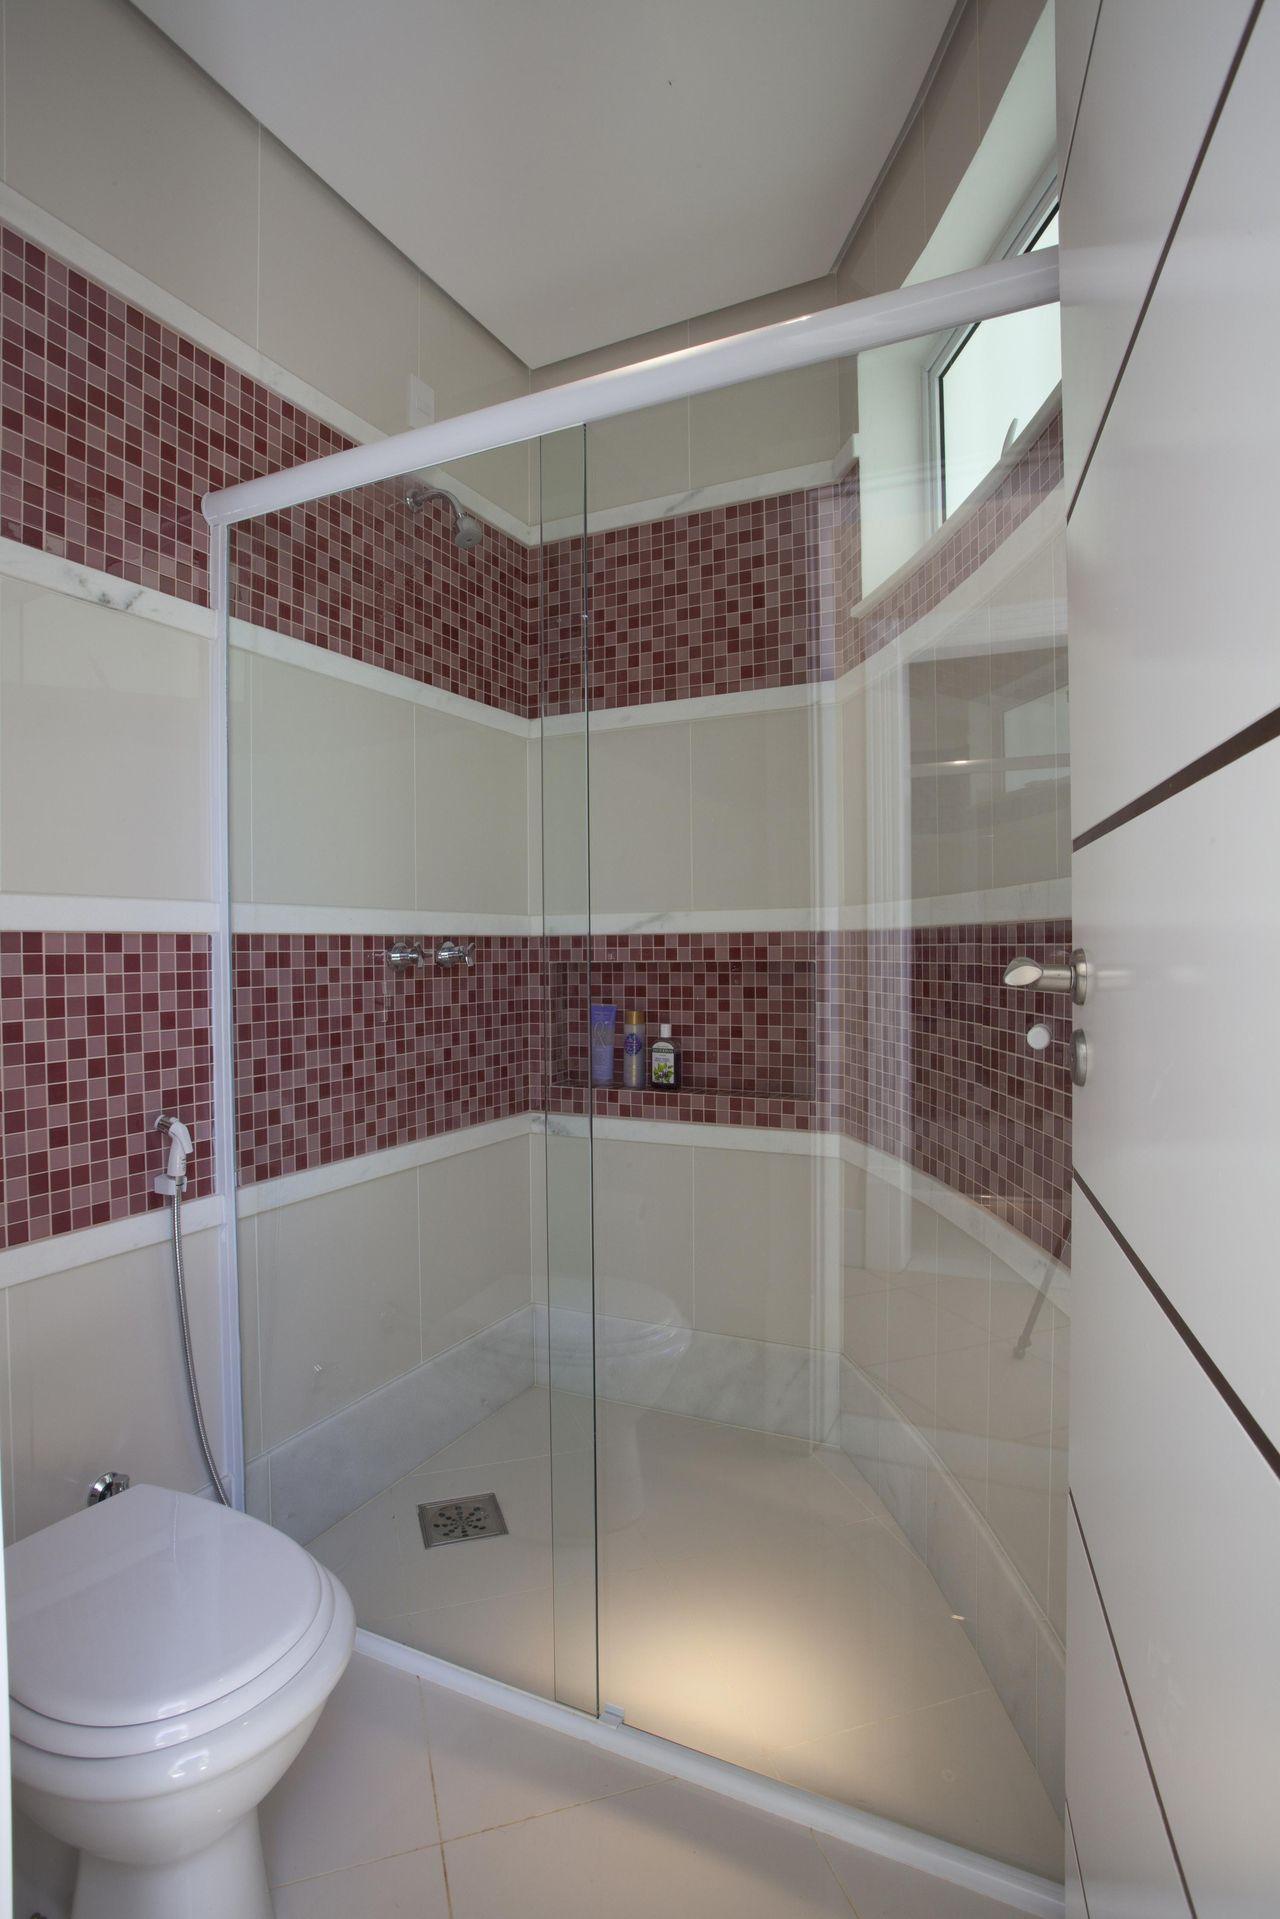 Banheiro com faixas de Pastilhas de Aquiles Nicolas Kilaris  19125 no Viva D -> Banheiro Simples Com Pastilhas Roxas